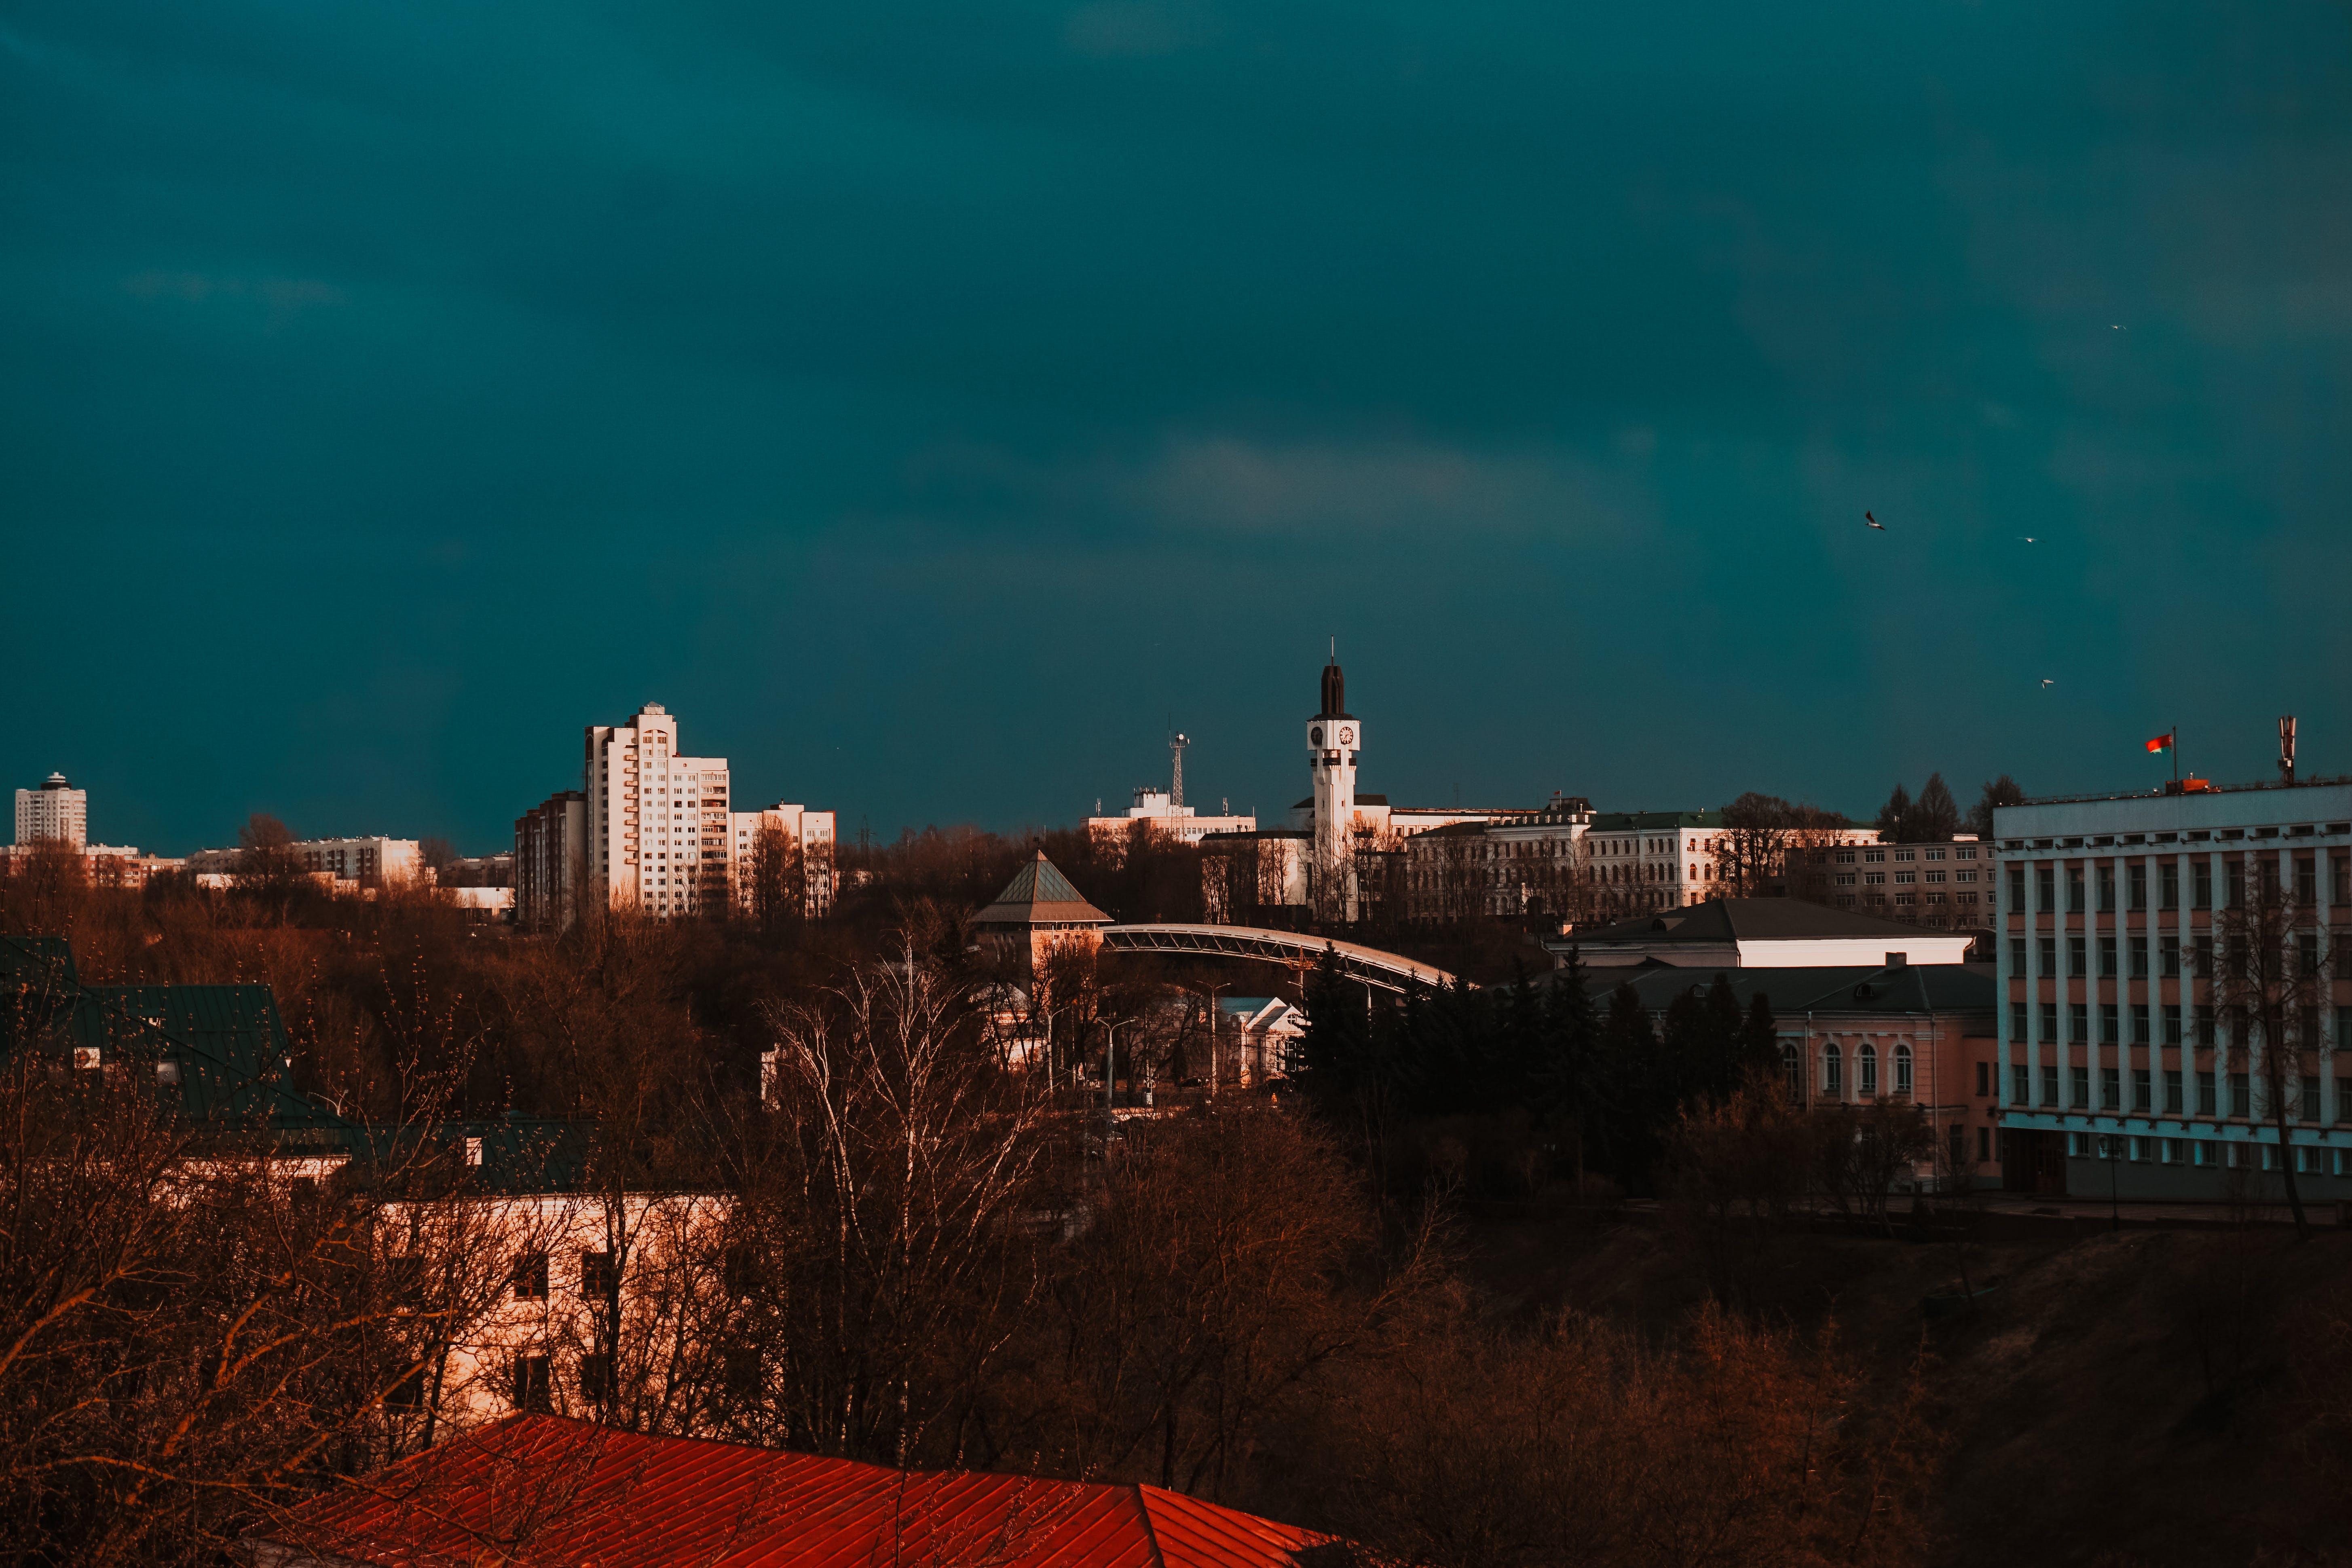 公園, 城市, 城鎮, 大氣的晚上 的 免費圖庫相片